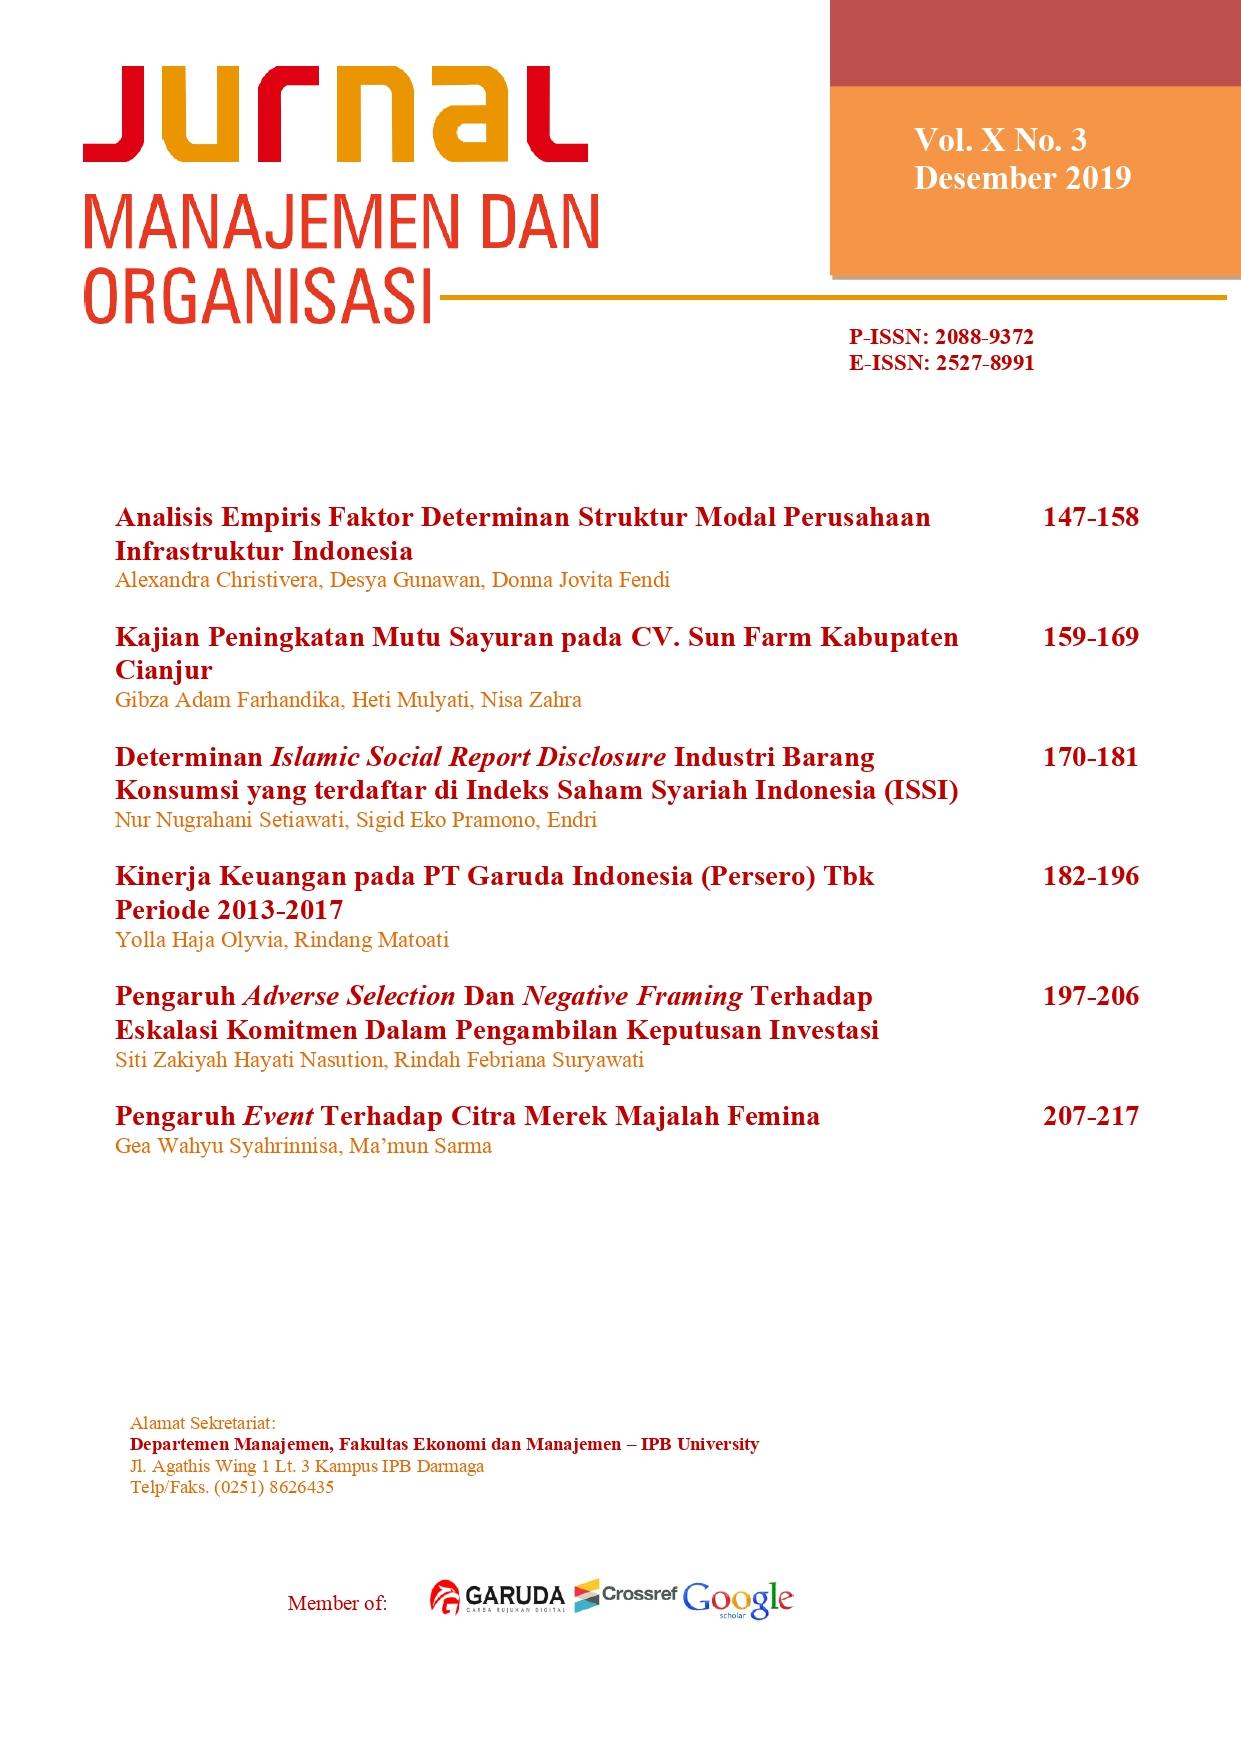 Pengaruh Adverse Selection Dan Negative Framing Terhadap Eskalasi Komitmen Dalam Pengambilan Keputusan Investasi Jurnal Manajemen Dan Organisasi